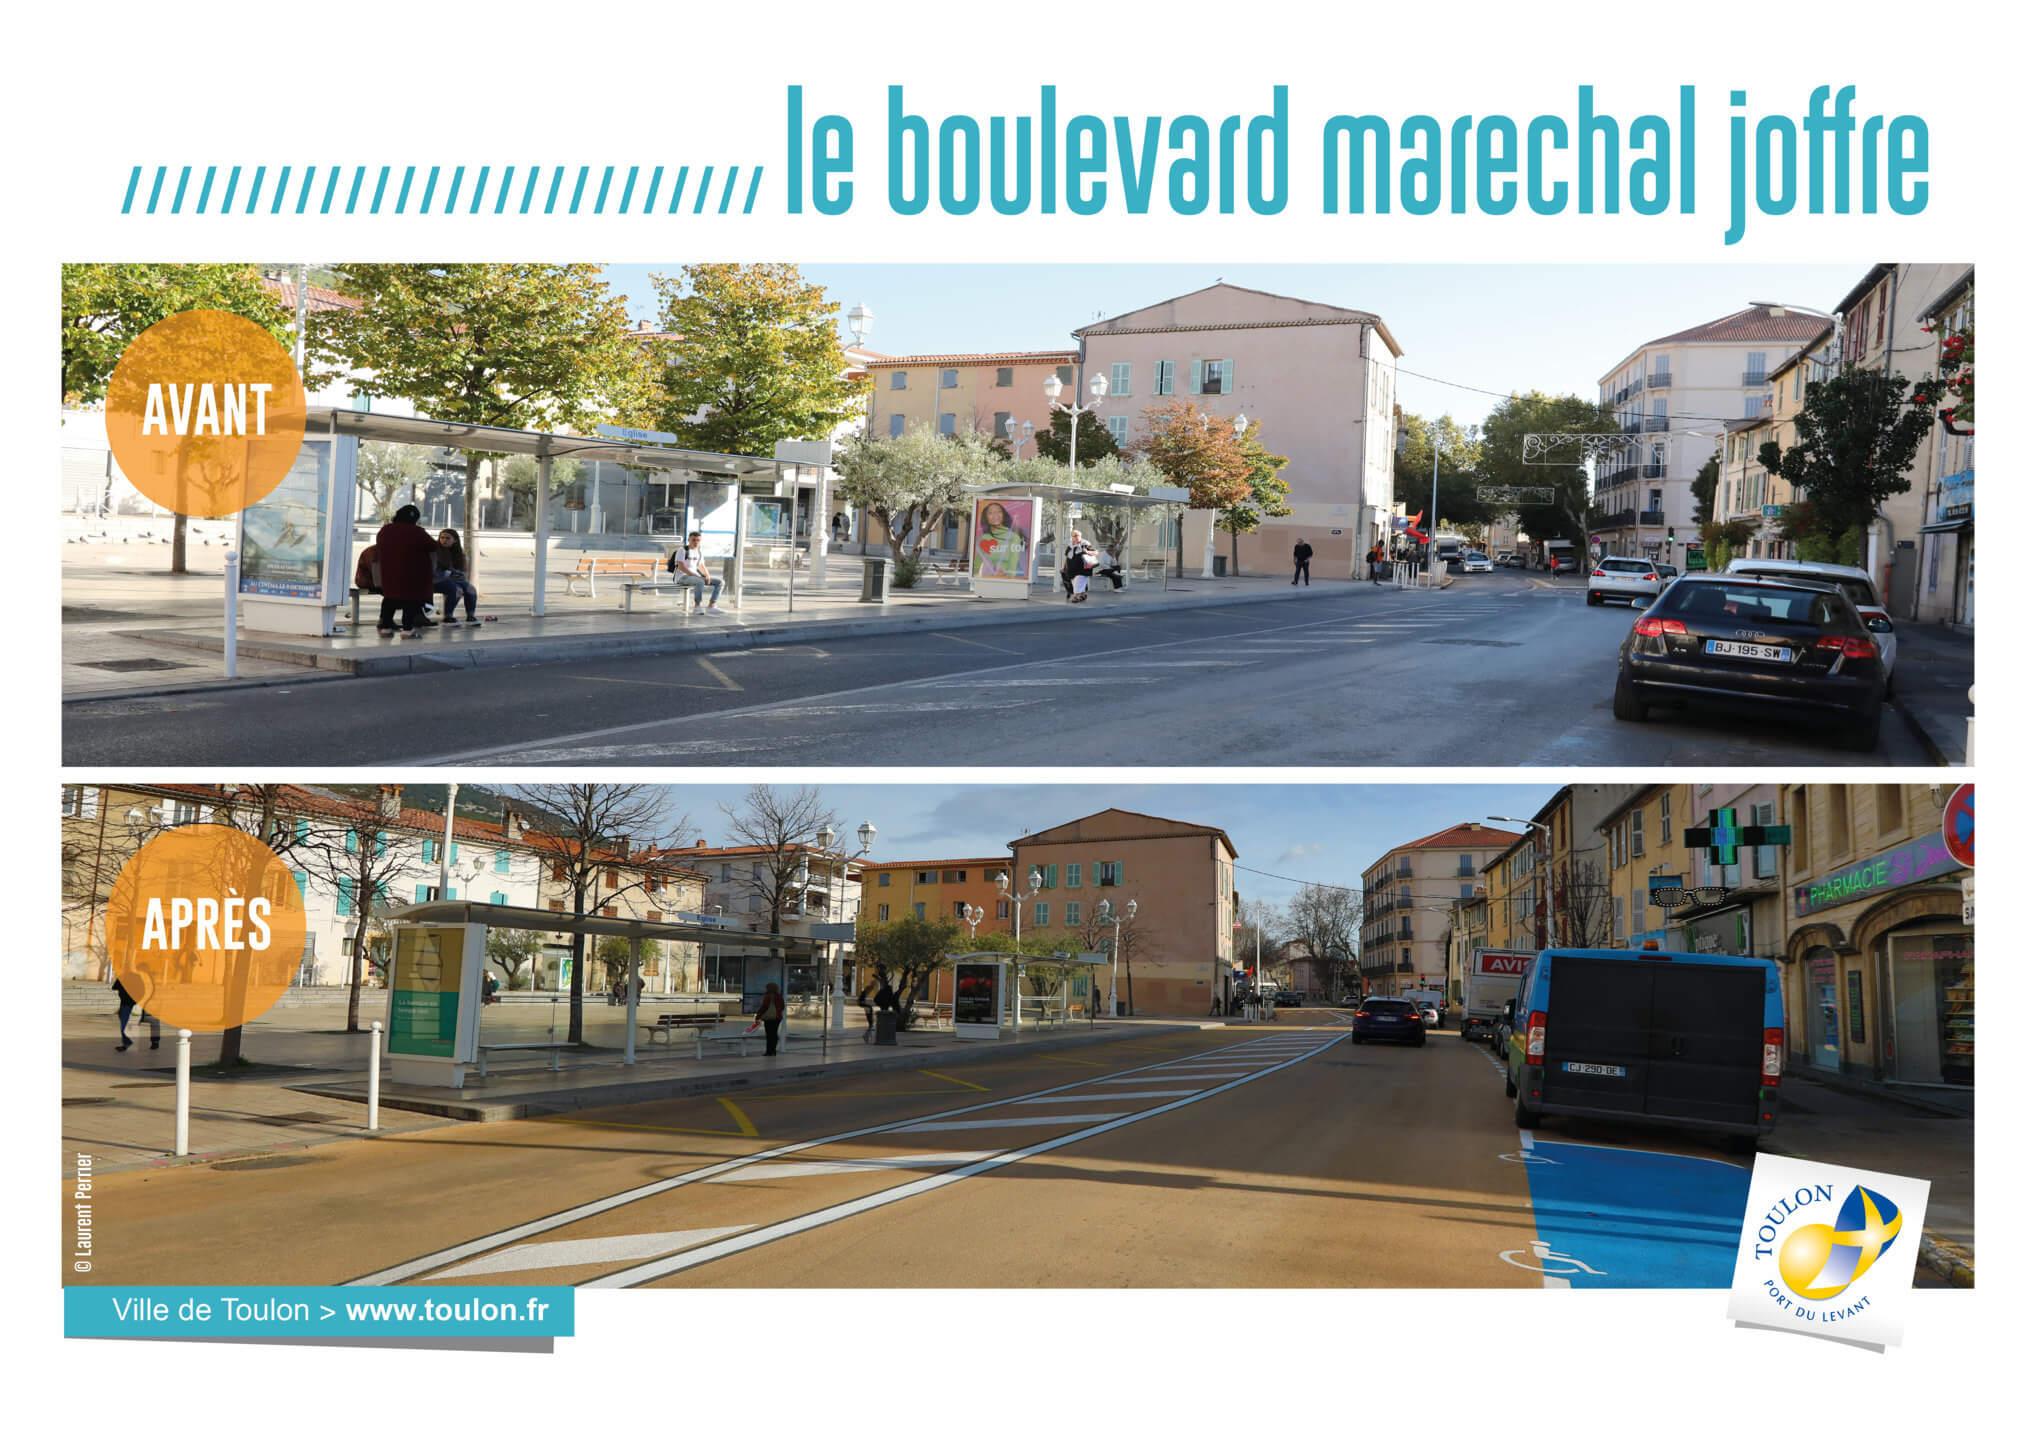 Le boulevard maréchal joffre